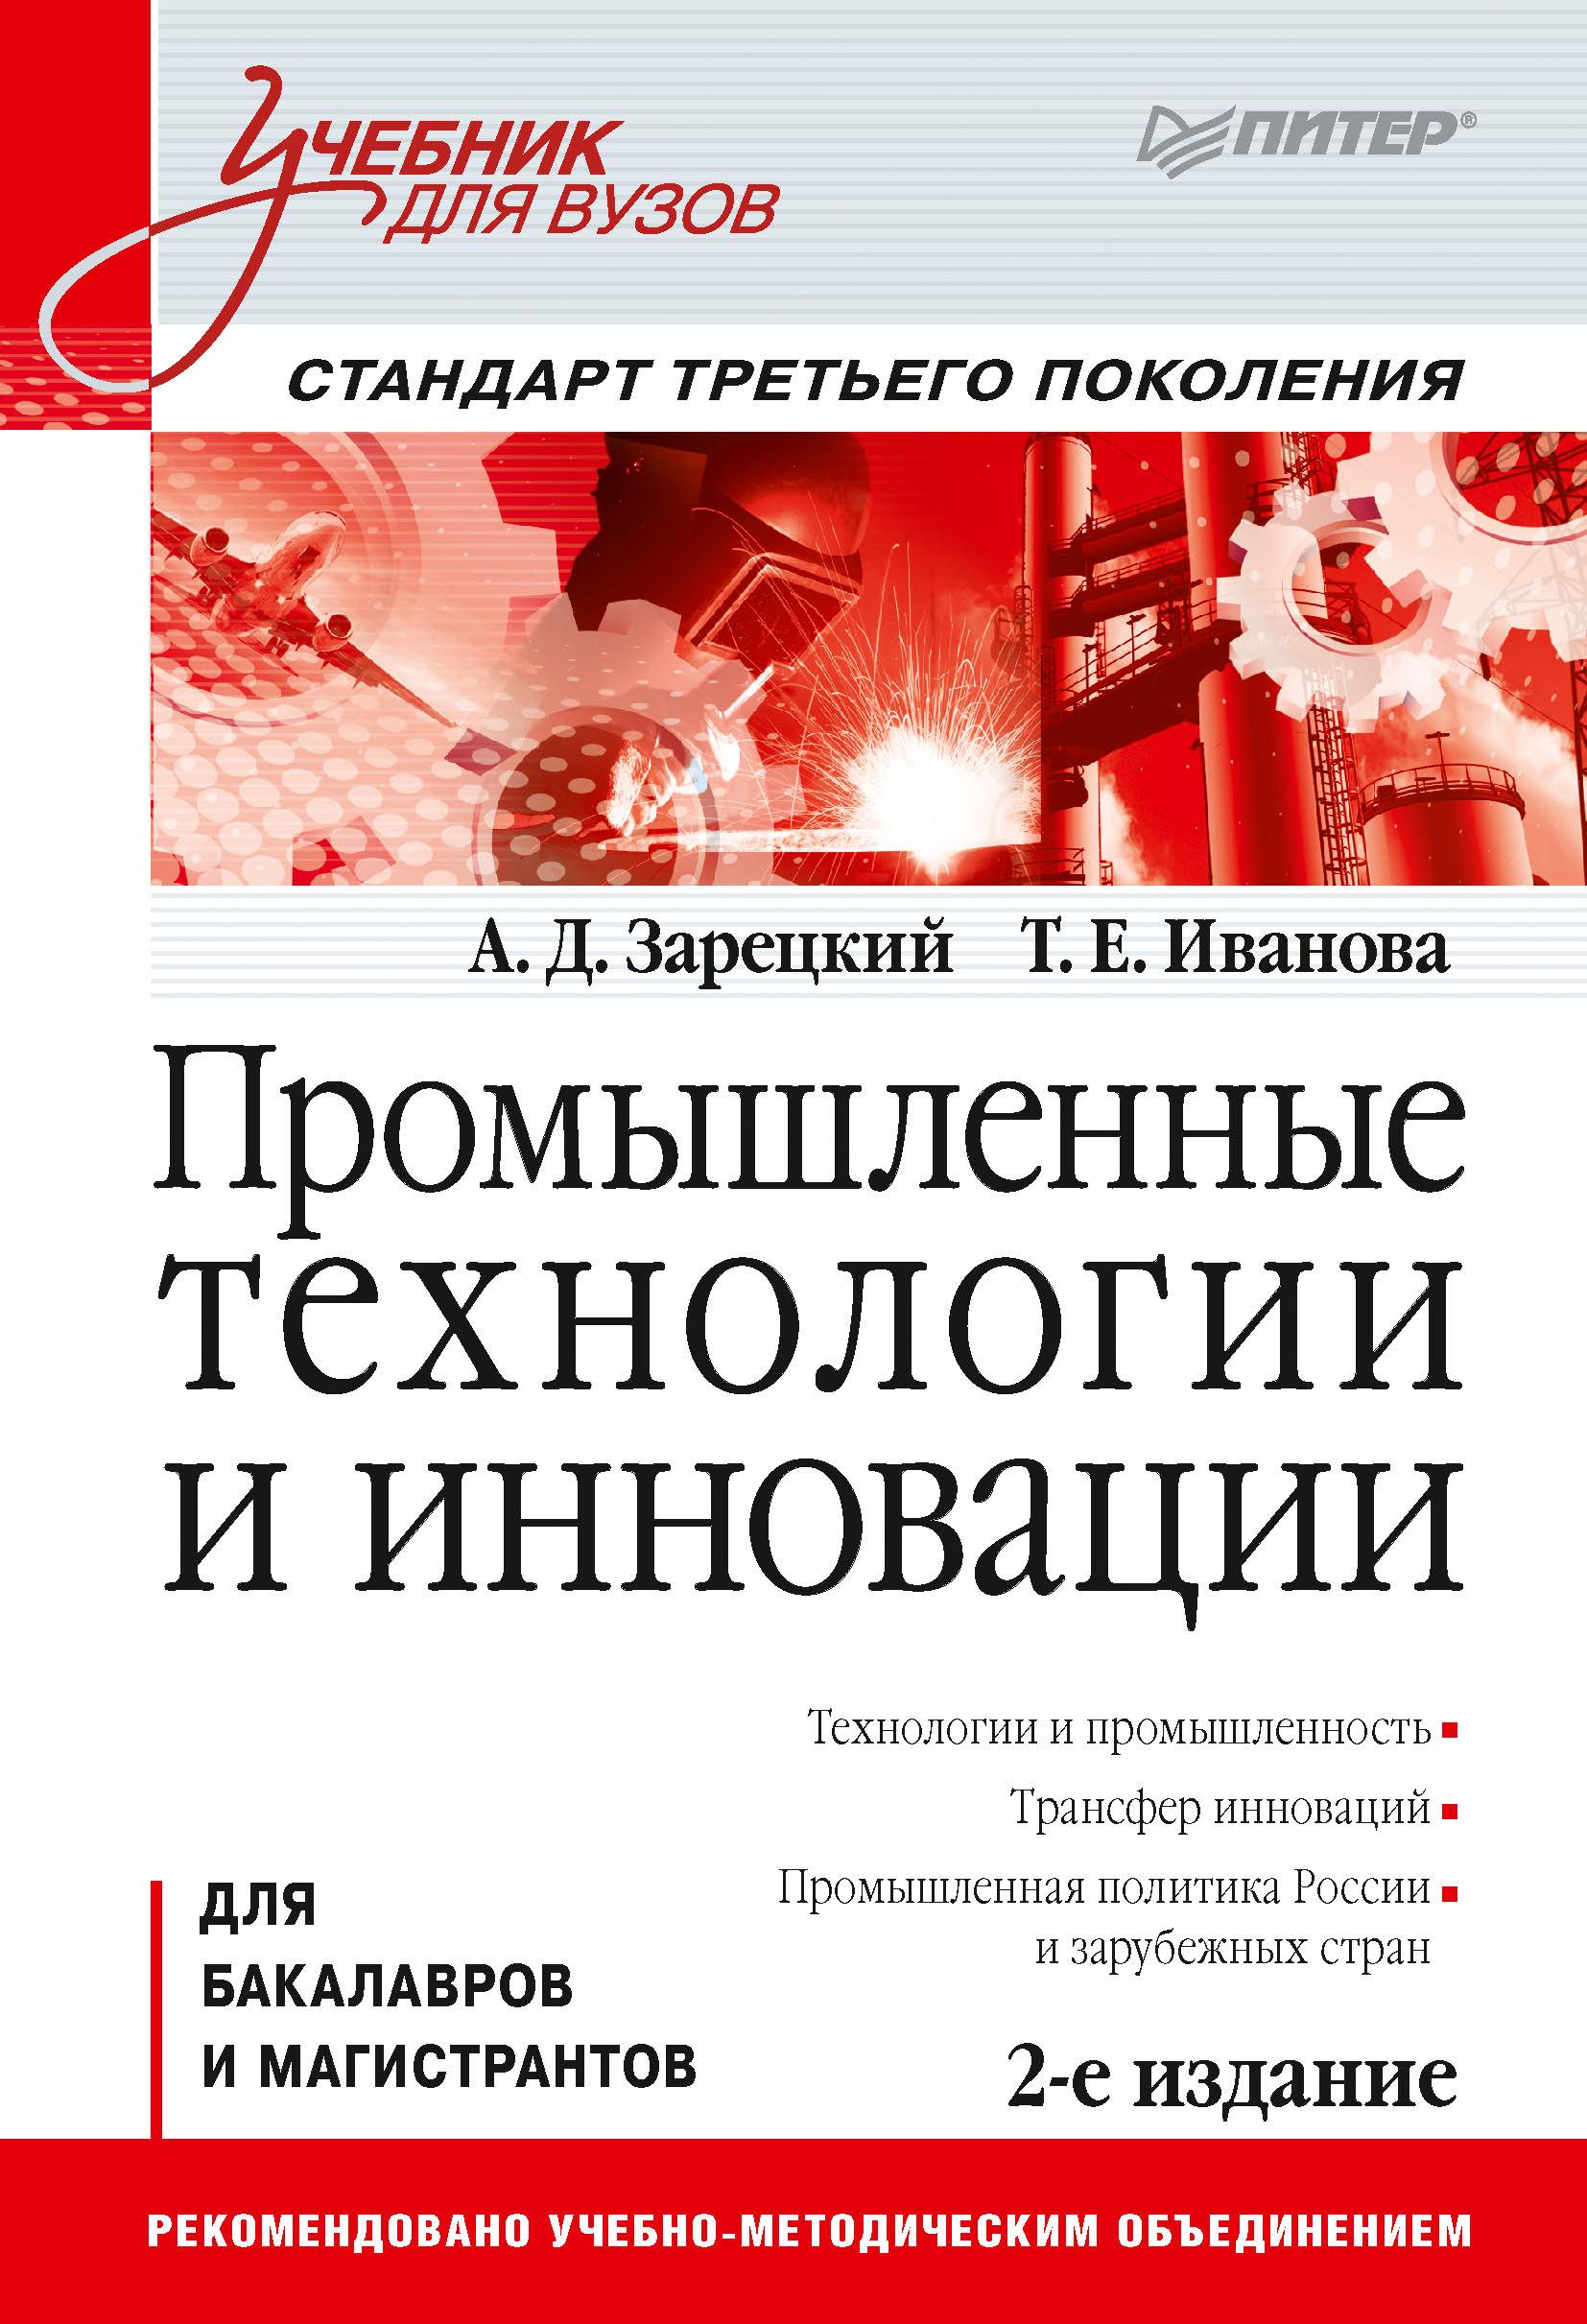 Татьяна Иванова Промышленные технологии и инновации зарецкий а иванова т промышленные технологии и инновации для бакалавров и магистрантов